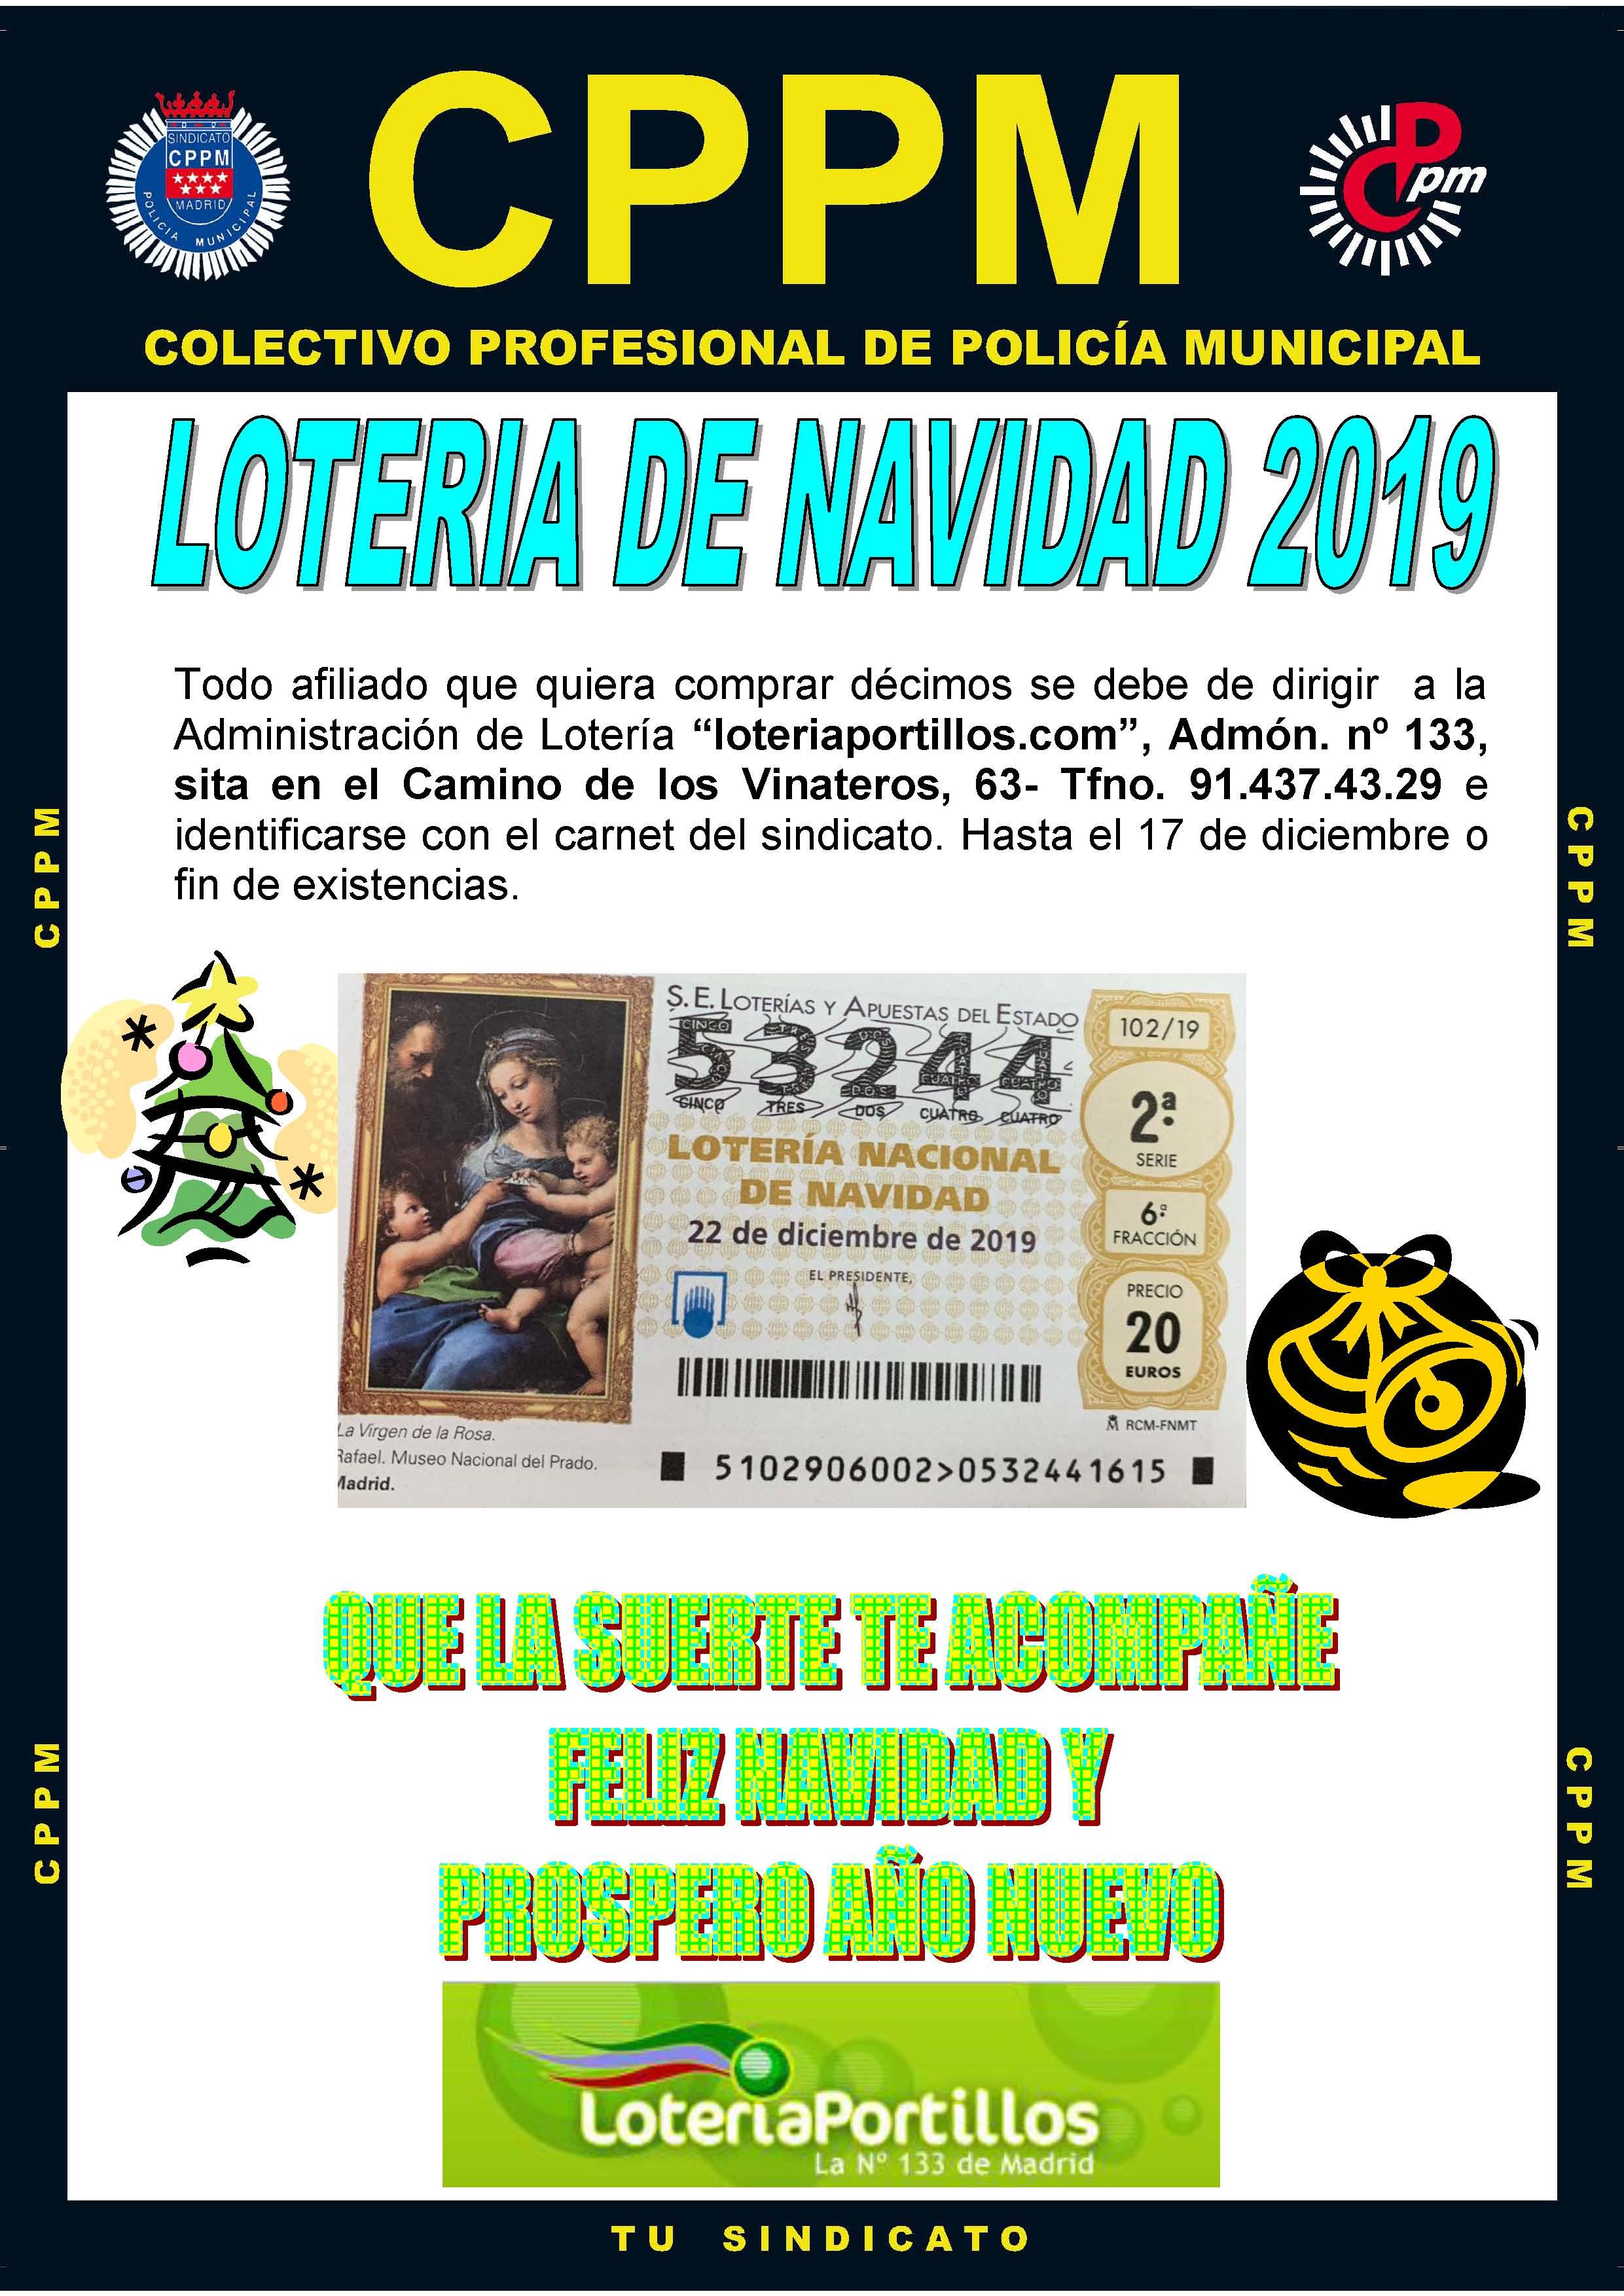 Imagenes Loteria Navidad.Loteria Navidad 2019 Y Si Toca El Nuestro Cppm